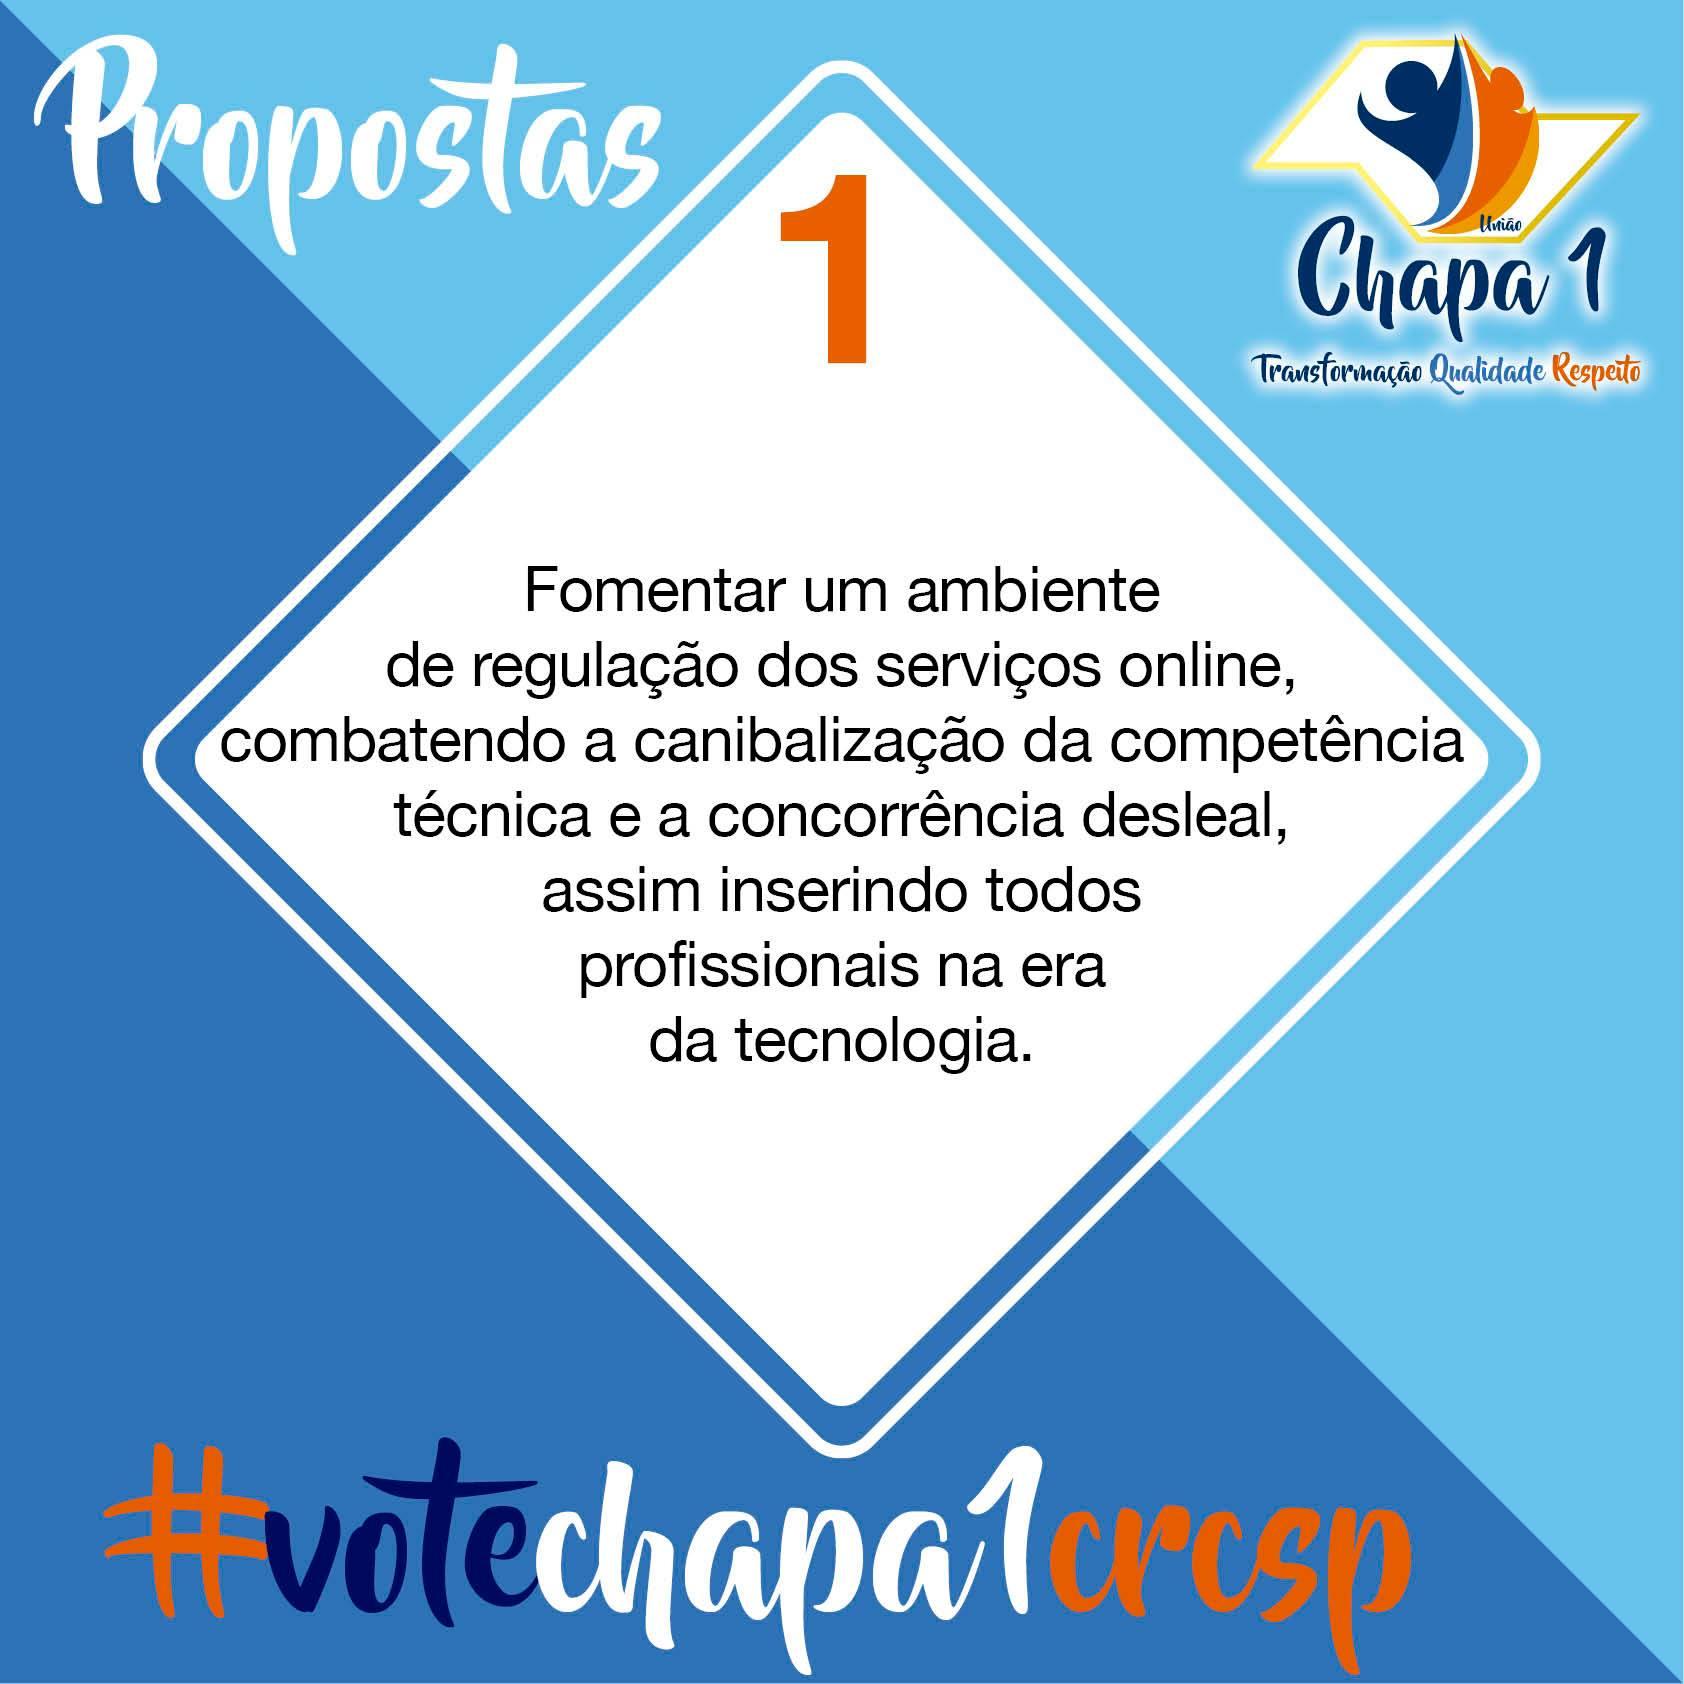 CRC SP – Eleições 2019, propostas da Chapa 1 2